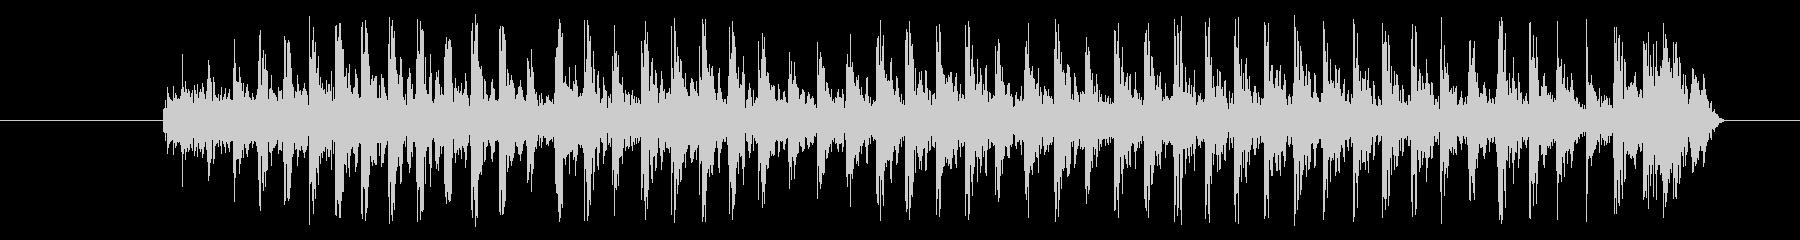 機械 ドリルストーン02の未再生の波形